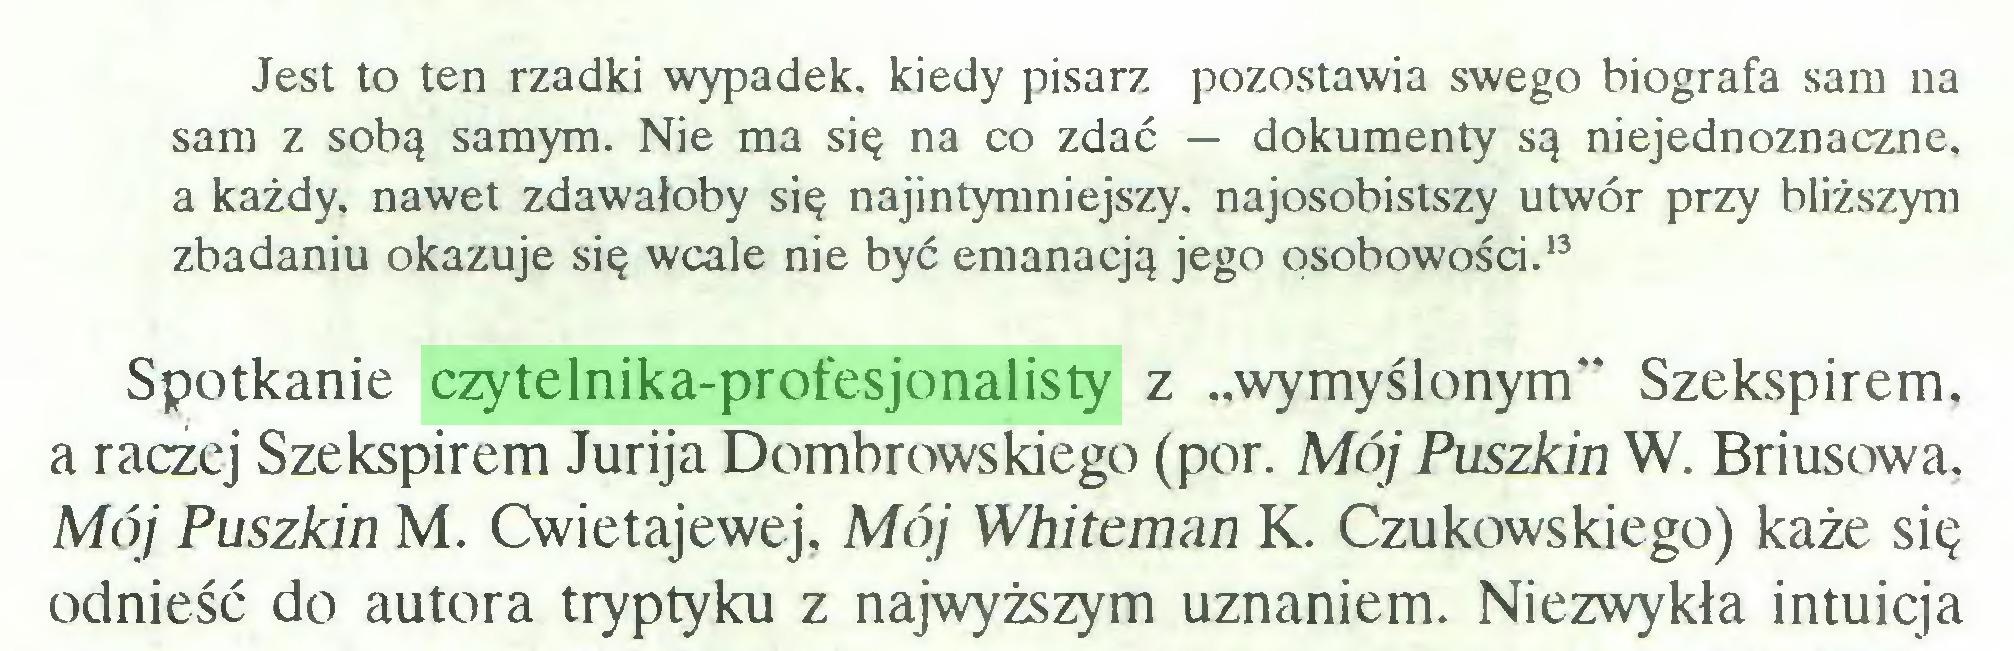 """(...) Jest to ten rzadki wypadek, kiedy pisarz pozostawia swego biografa sam na sam z sobą samym. Nie ma się na co zdać — dokumenty są niejednoznaczne, a każdy, nawet zdawałoby się najintymniejszy, najosobistszy utwór przy bliższym zbadaniu okazuje się wcale nie być emanacją jego osobowości.13 Spotkanie czytelnika-profesjonalisty z """"wymyślonym"""" Szekspirem, a raczej Szekspirem Jurija Dombrowskiego (por. Mój Puszkin W. Briusowa, Mój Puszkin M. Cwietajewej, Mój Whitcman K. Czukowskiego) każe się odnieść do autora tryptyku z najwyższym uznaniem. Niezwykła intuicja..."""